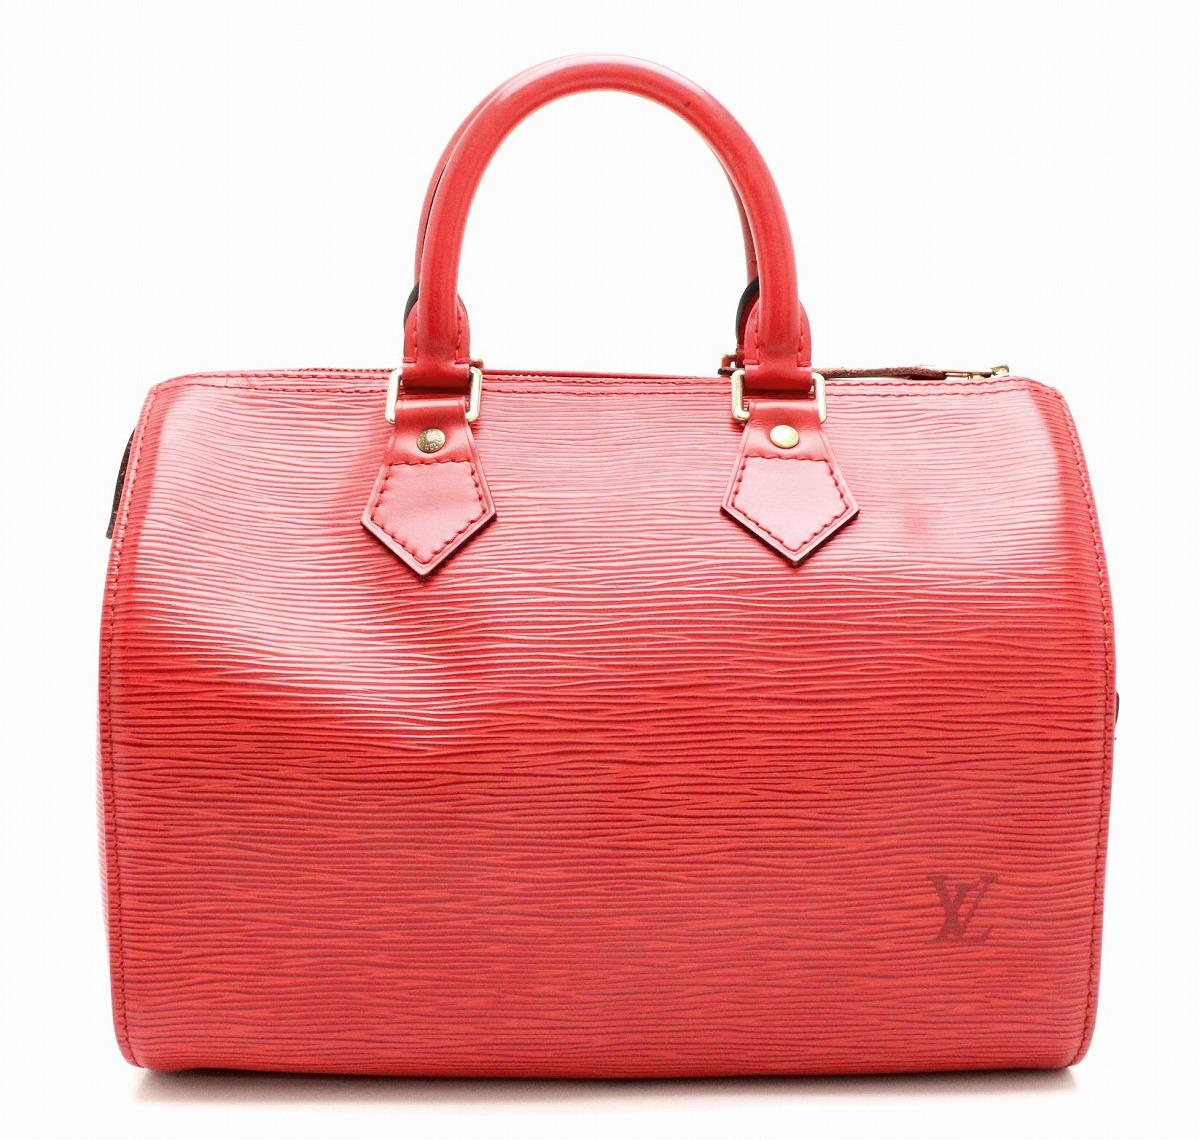 【バッグ】 LOUIS VUITTON ルイ ヴィトン エピ スピーディ30 ハンドバッグ ミニボストンバッグ レザー カスティリアンレッド 赤 M43007 【中古】【k】